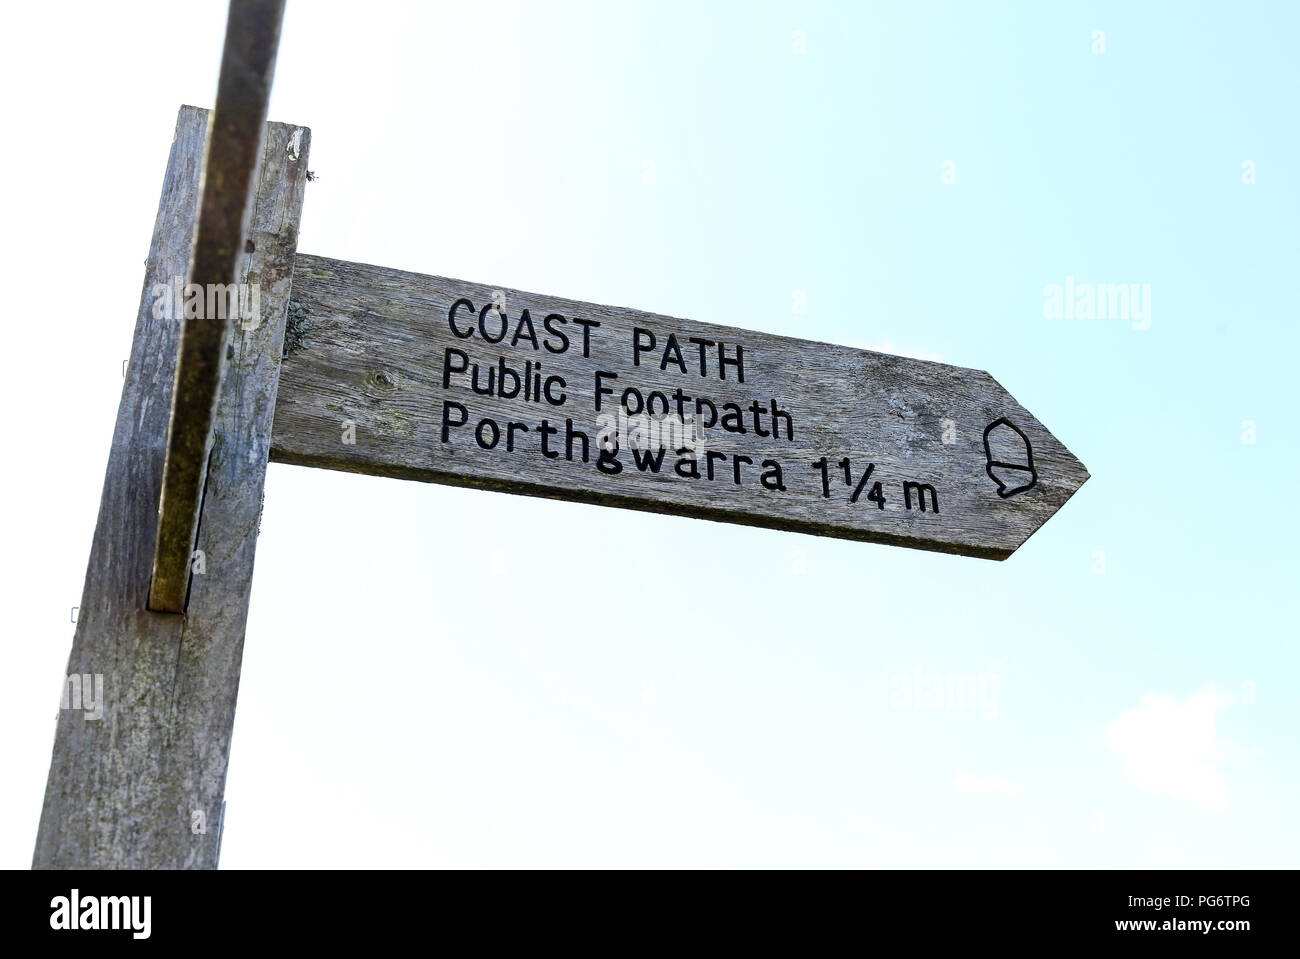 Einen hölzernen Fußweg finger Post sagen Coast Path, öffentlichen Fußweg zu Porthgwarra 1 1/4 Meilen, Cornwall, England Stockbild